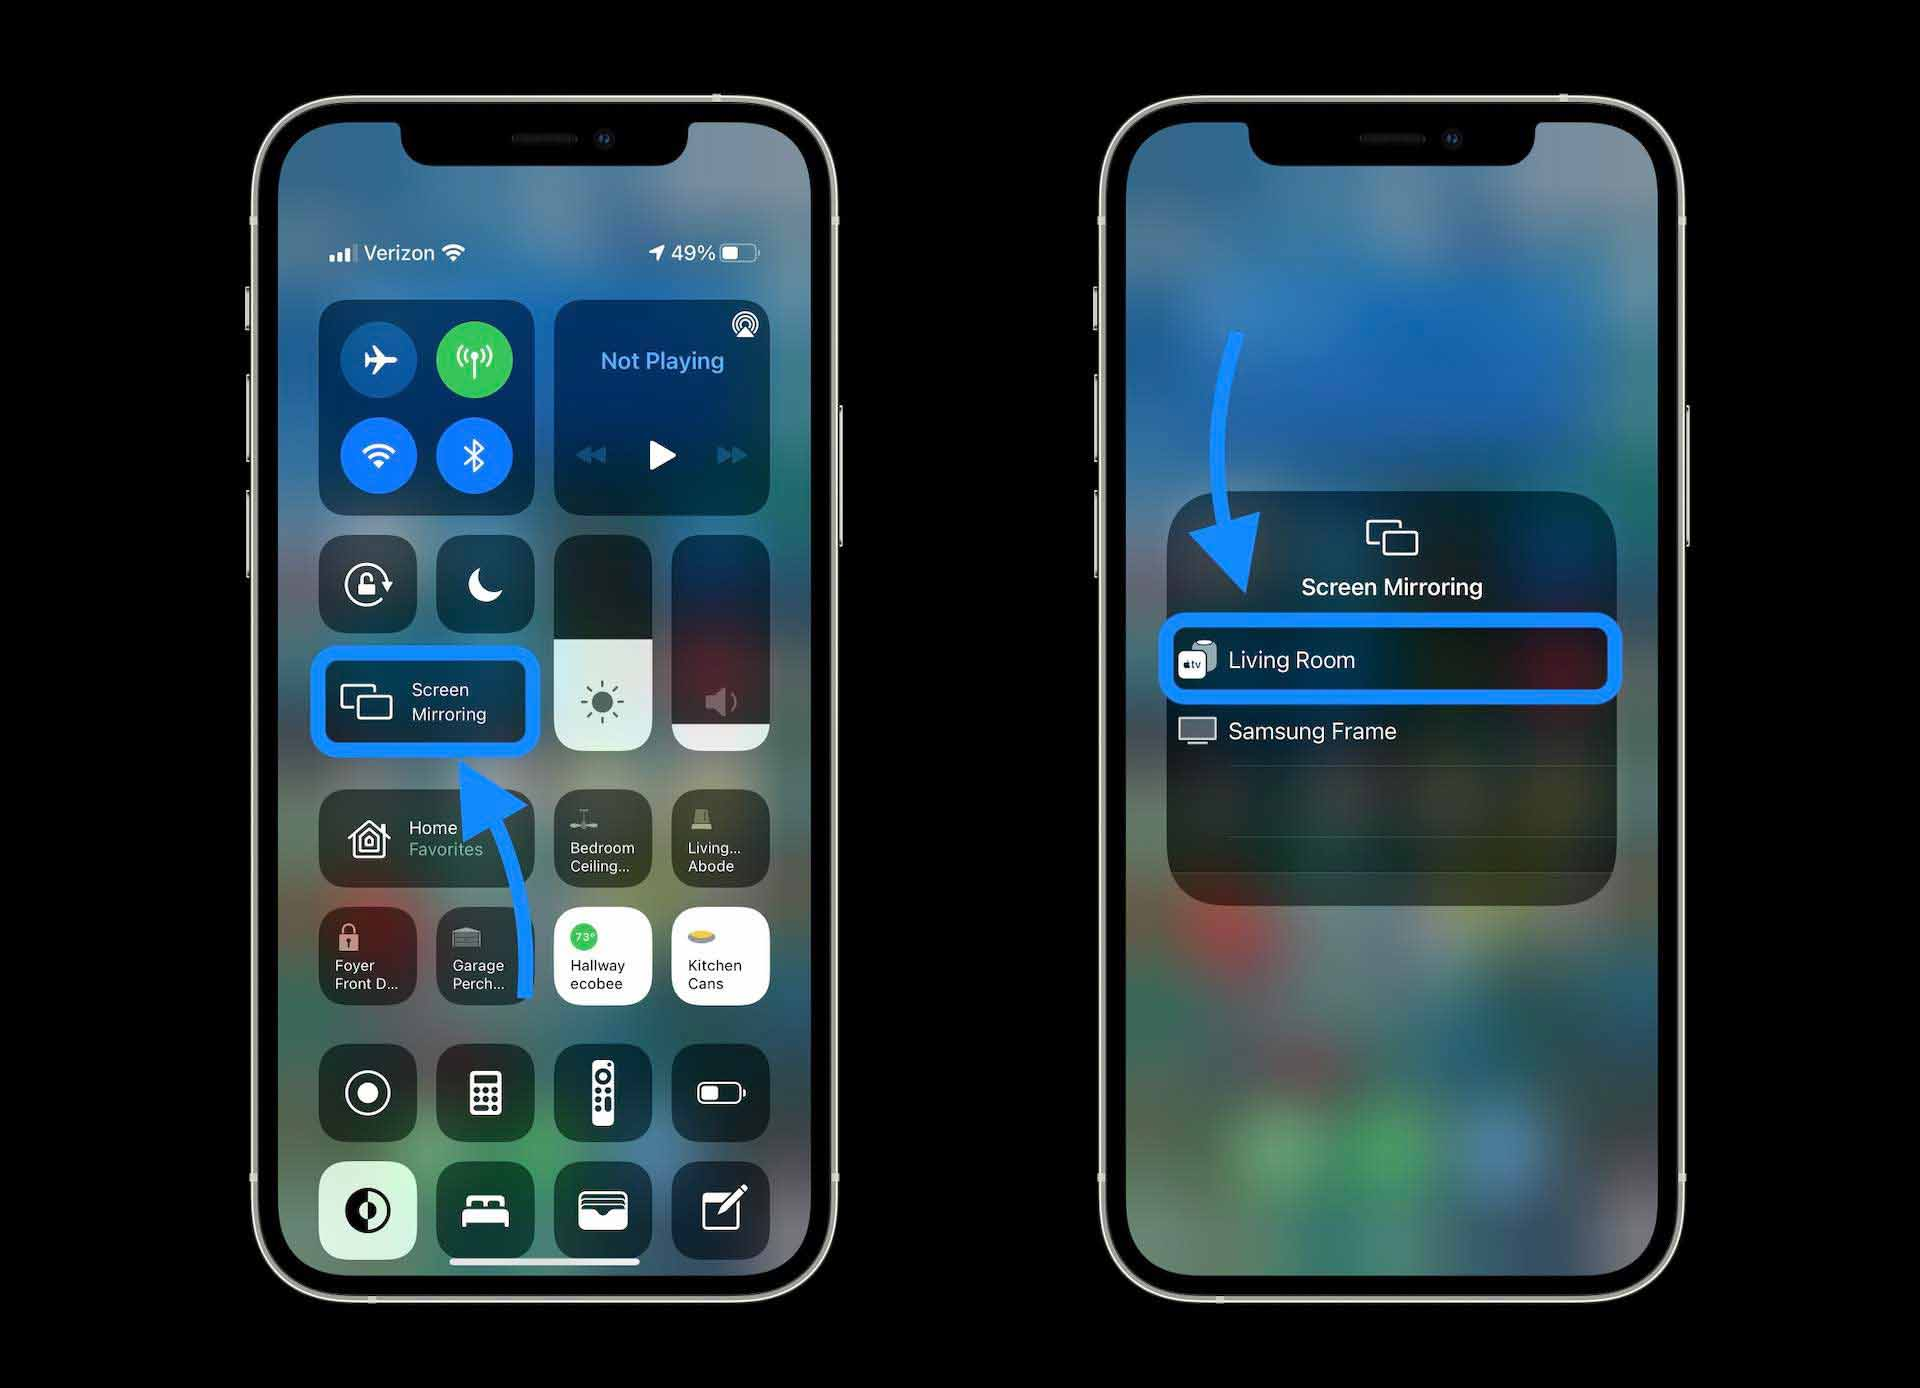 Как смотреть видео Dolby Vision iPhone на Apple TV - открытие Центра управления и выбор экрана Зеркальное отображение